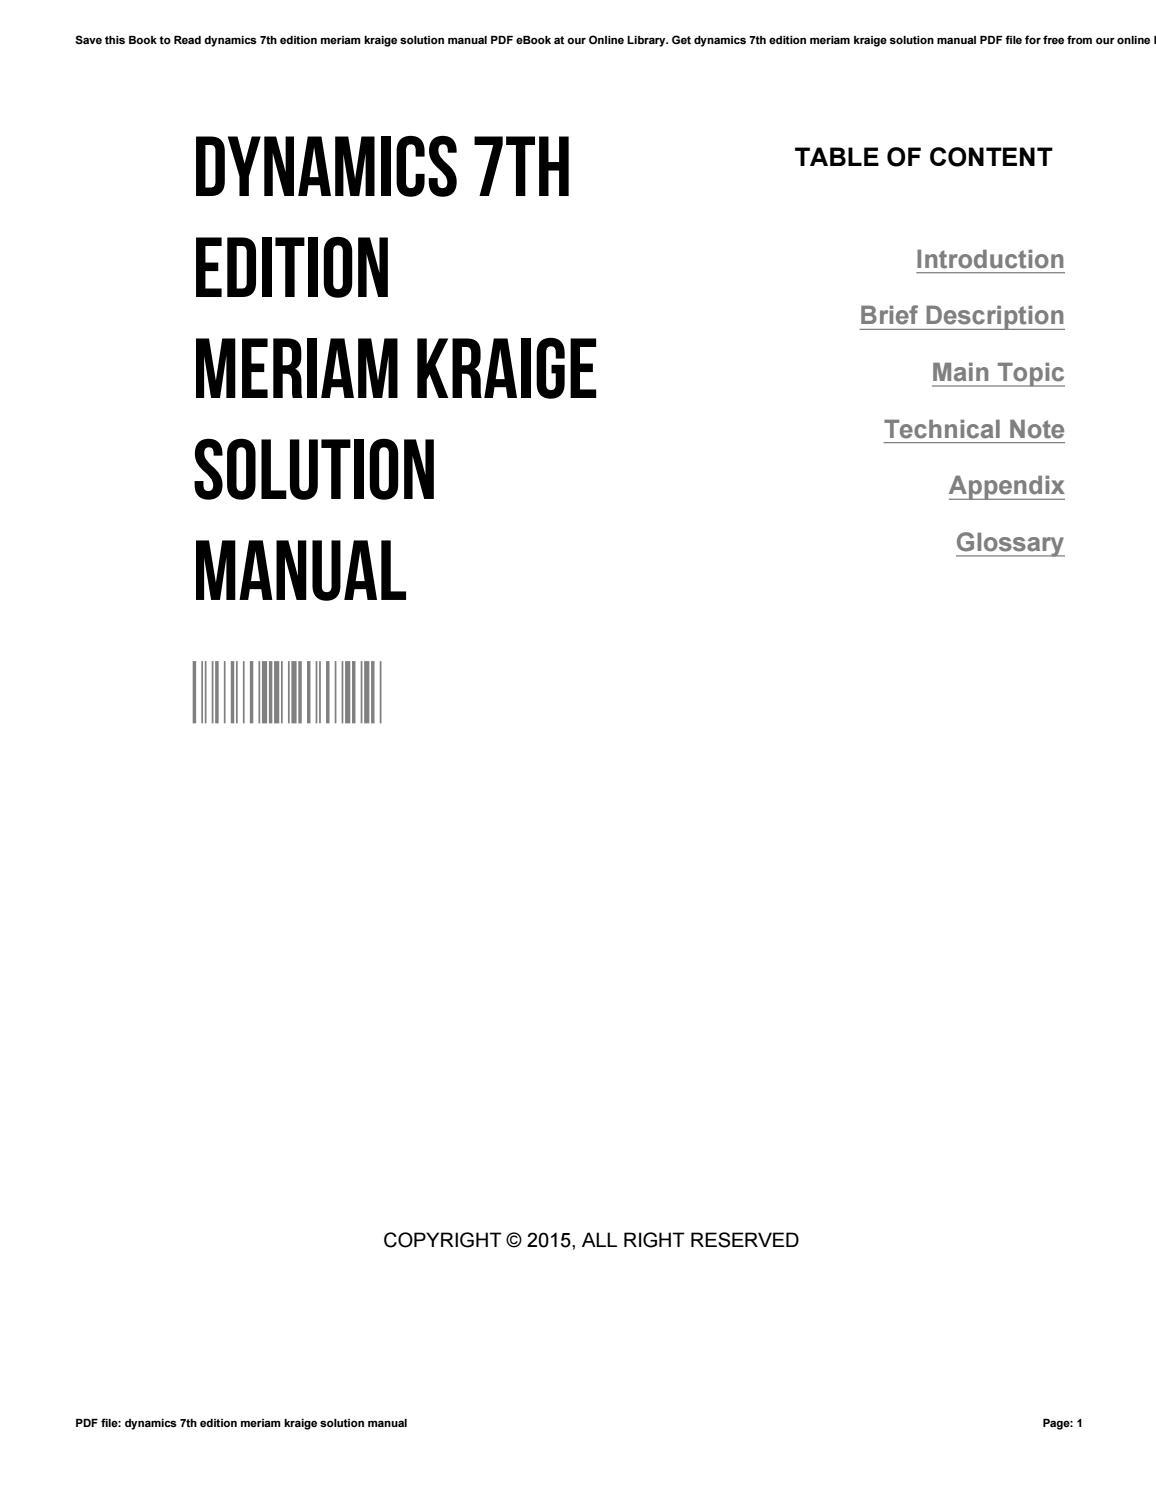 Dynamics 7th edition meriam kraige solution manual by CarlosMichaud3816 -  issuu